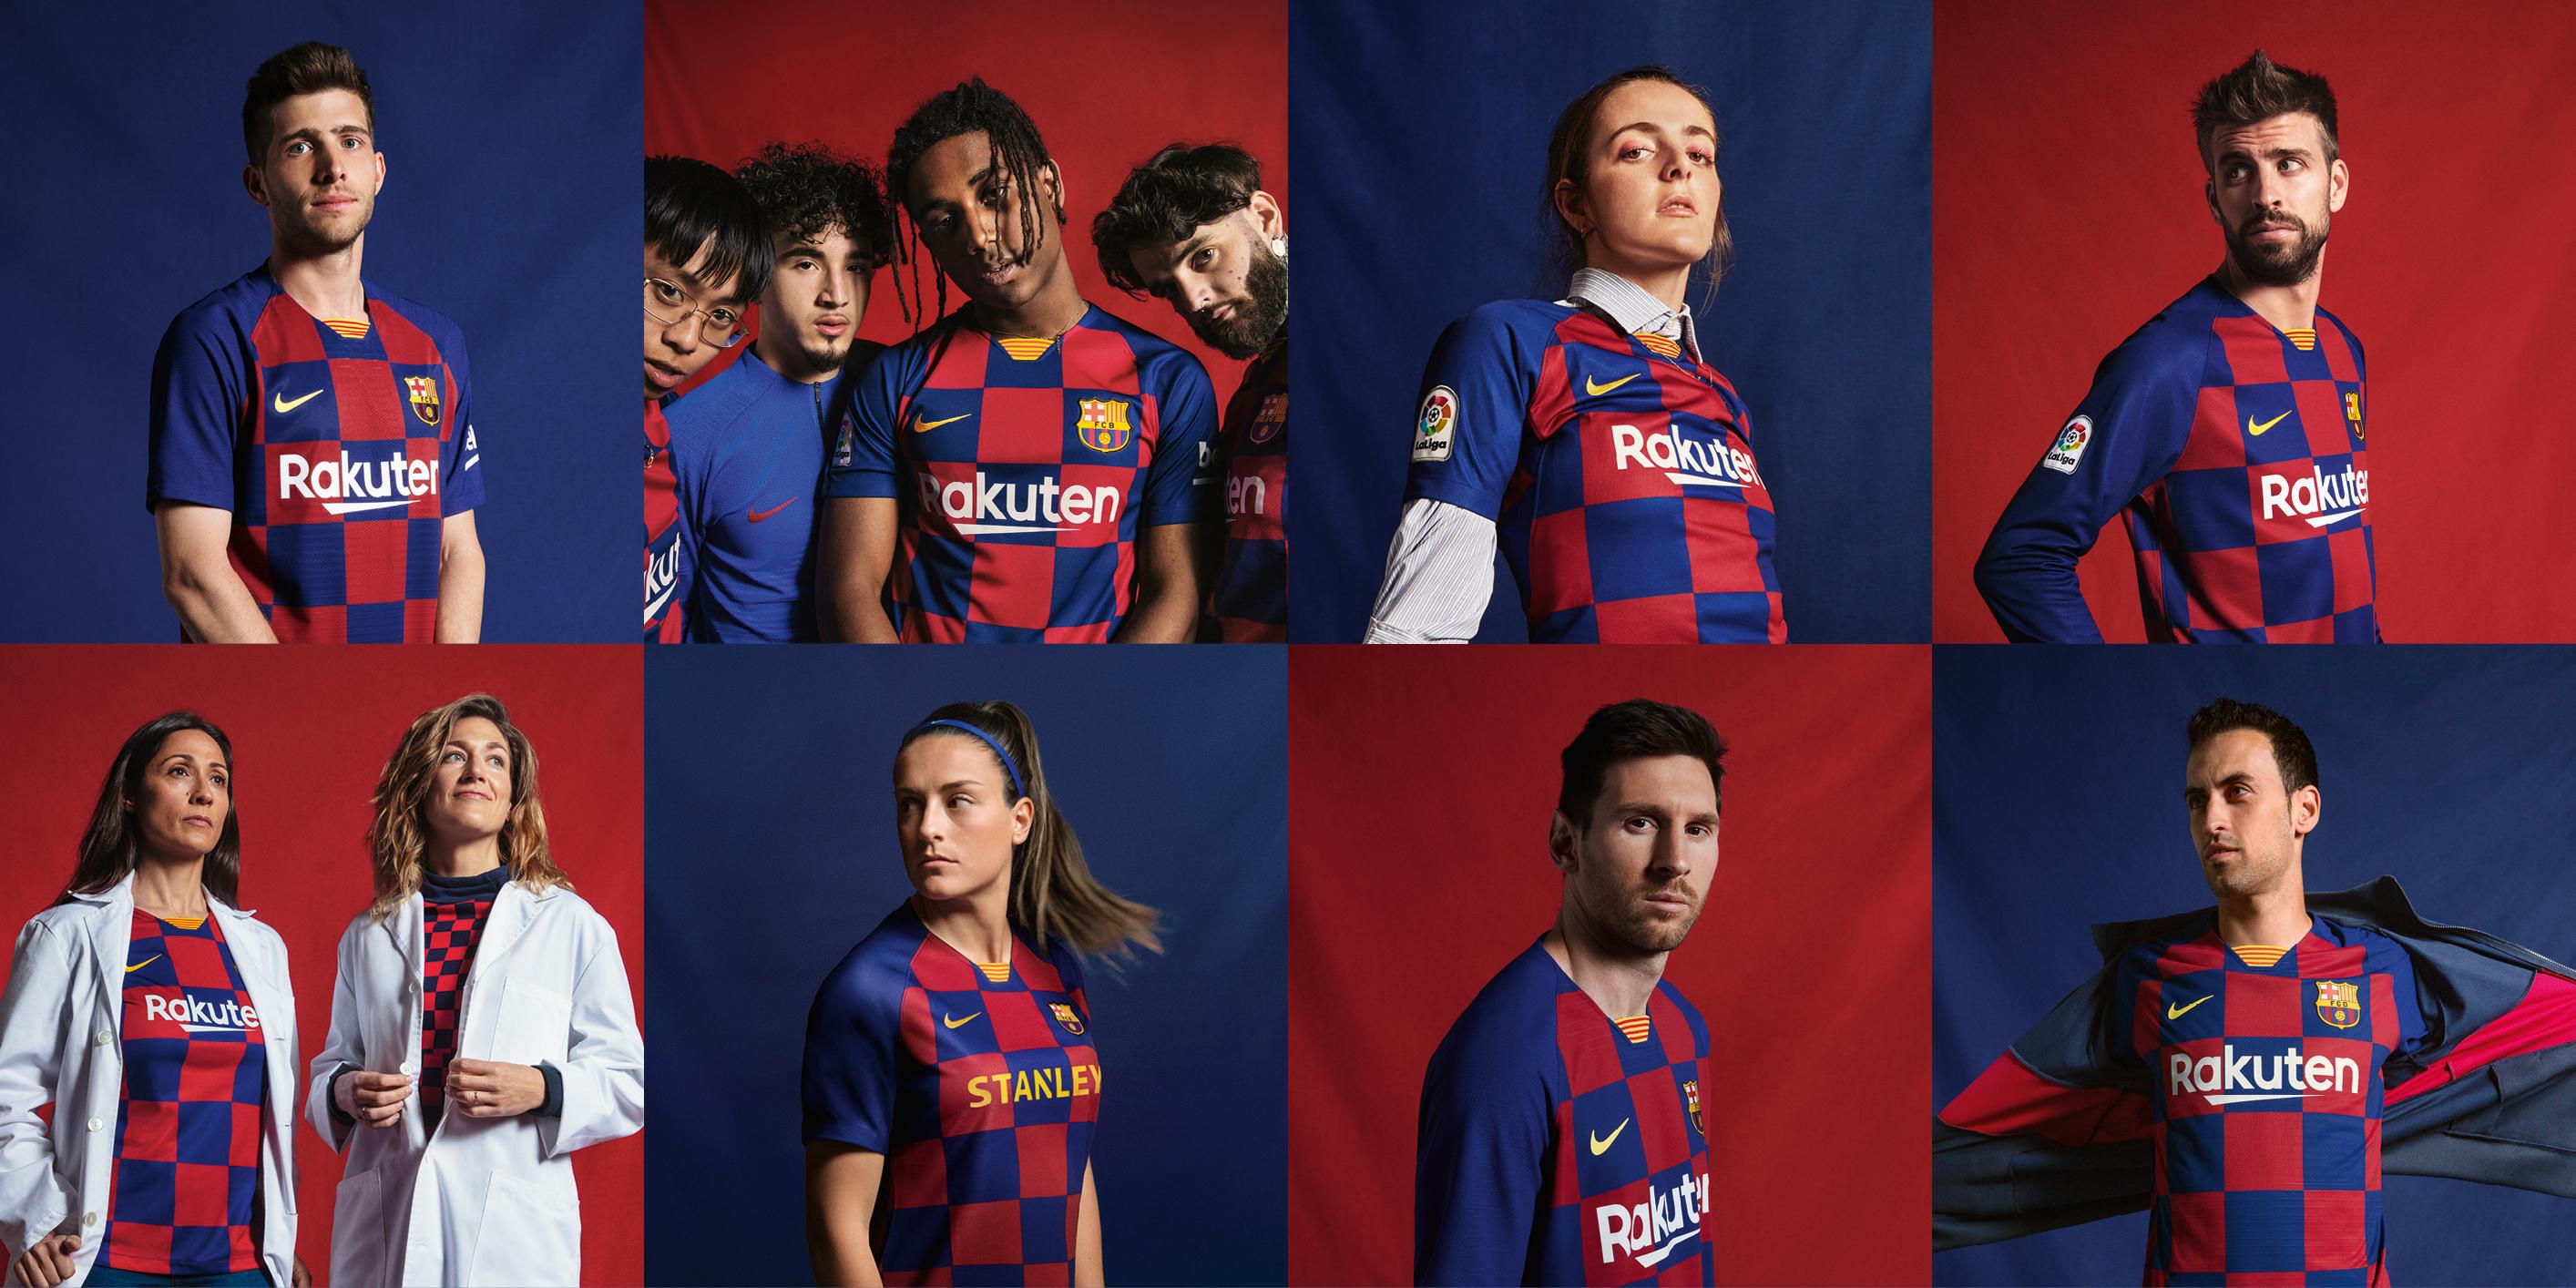 Nike Devoile Le Nouveau Maillot Domicile 2019 2020 Du Fc Barcelone Sportbuzzbusiness Fr